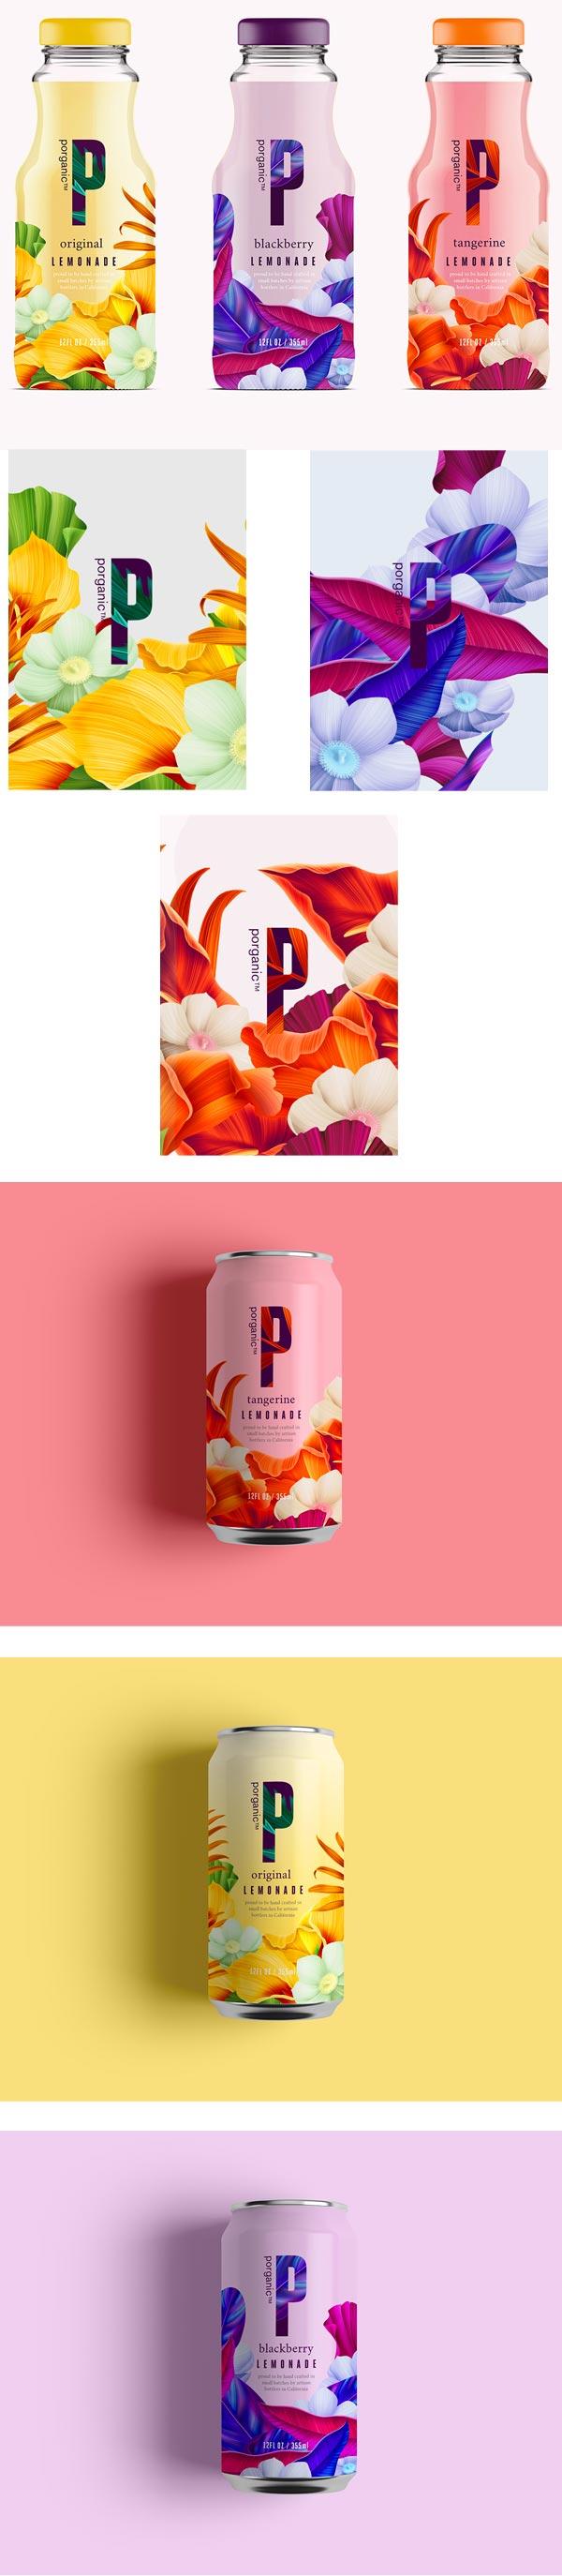 Packaging Alimentari Illustrati